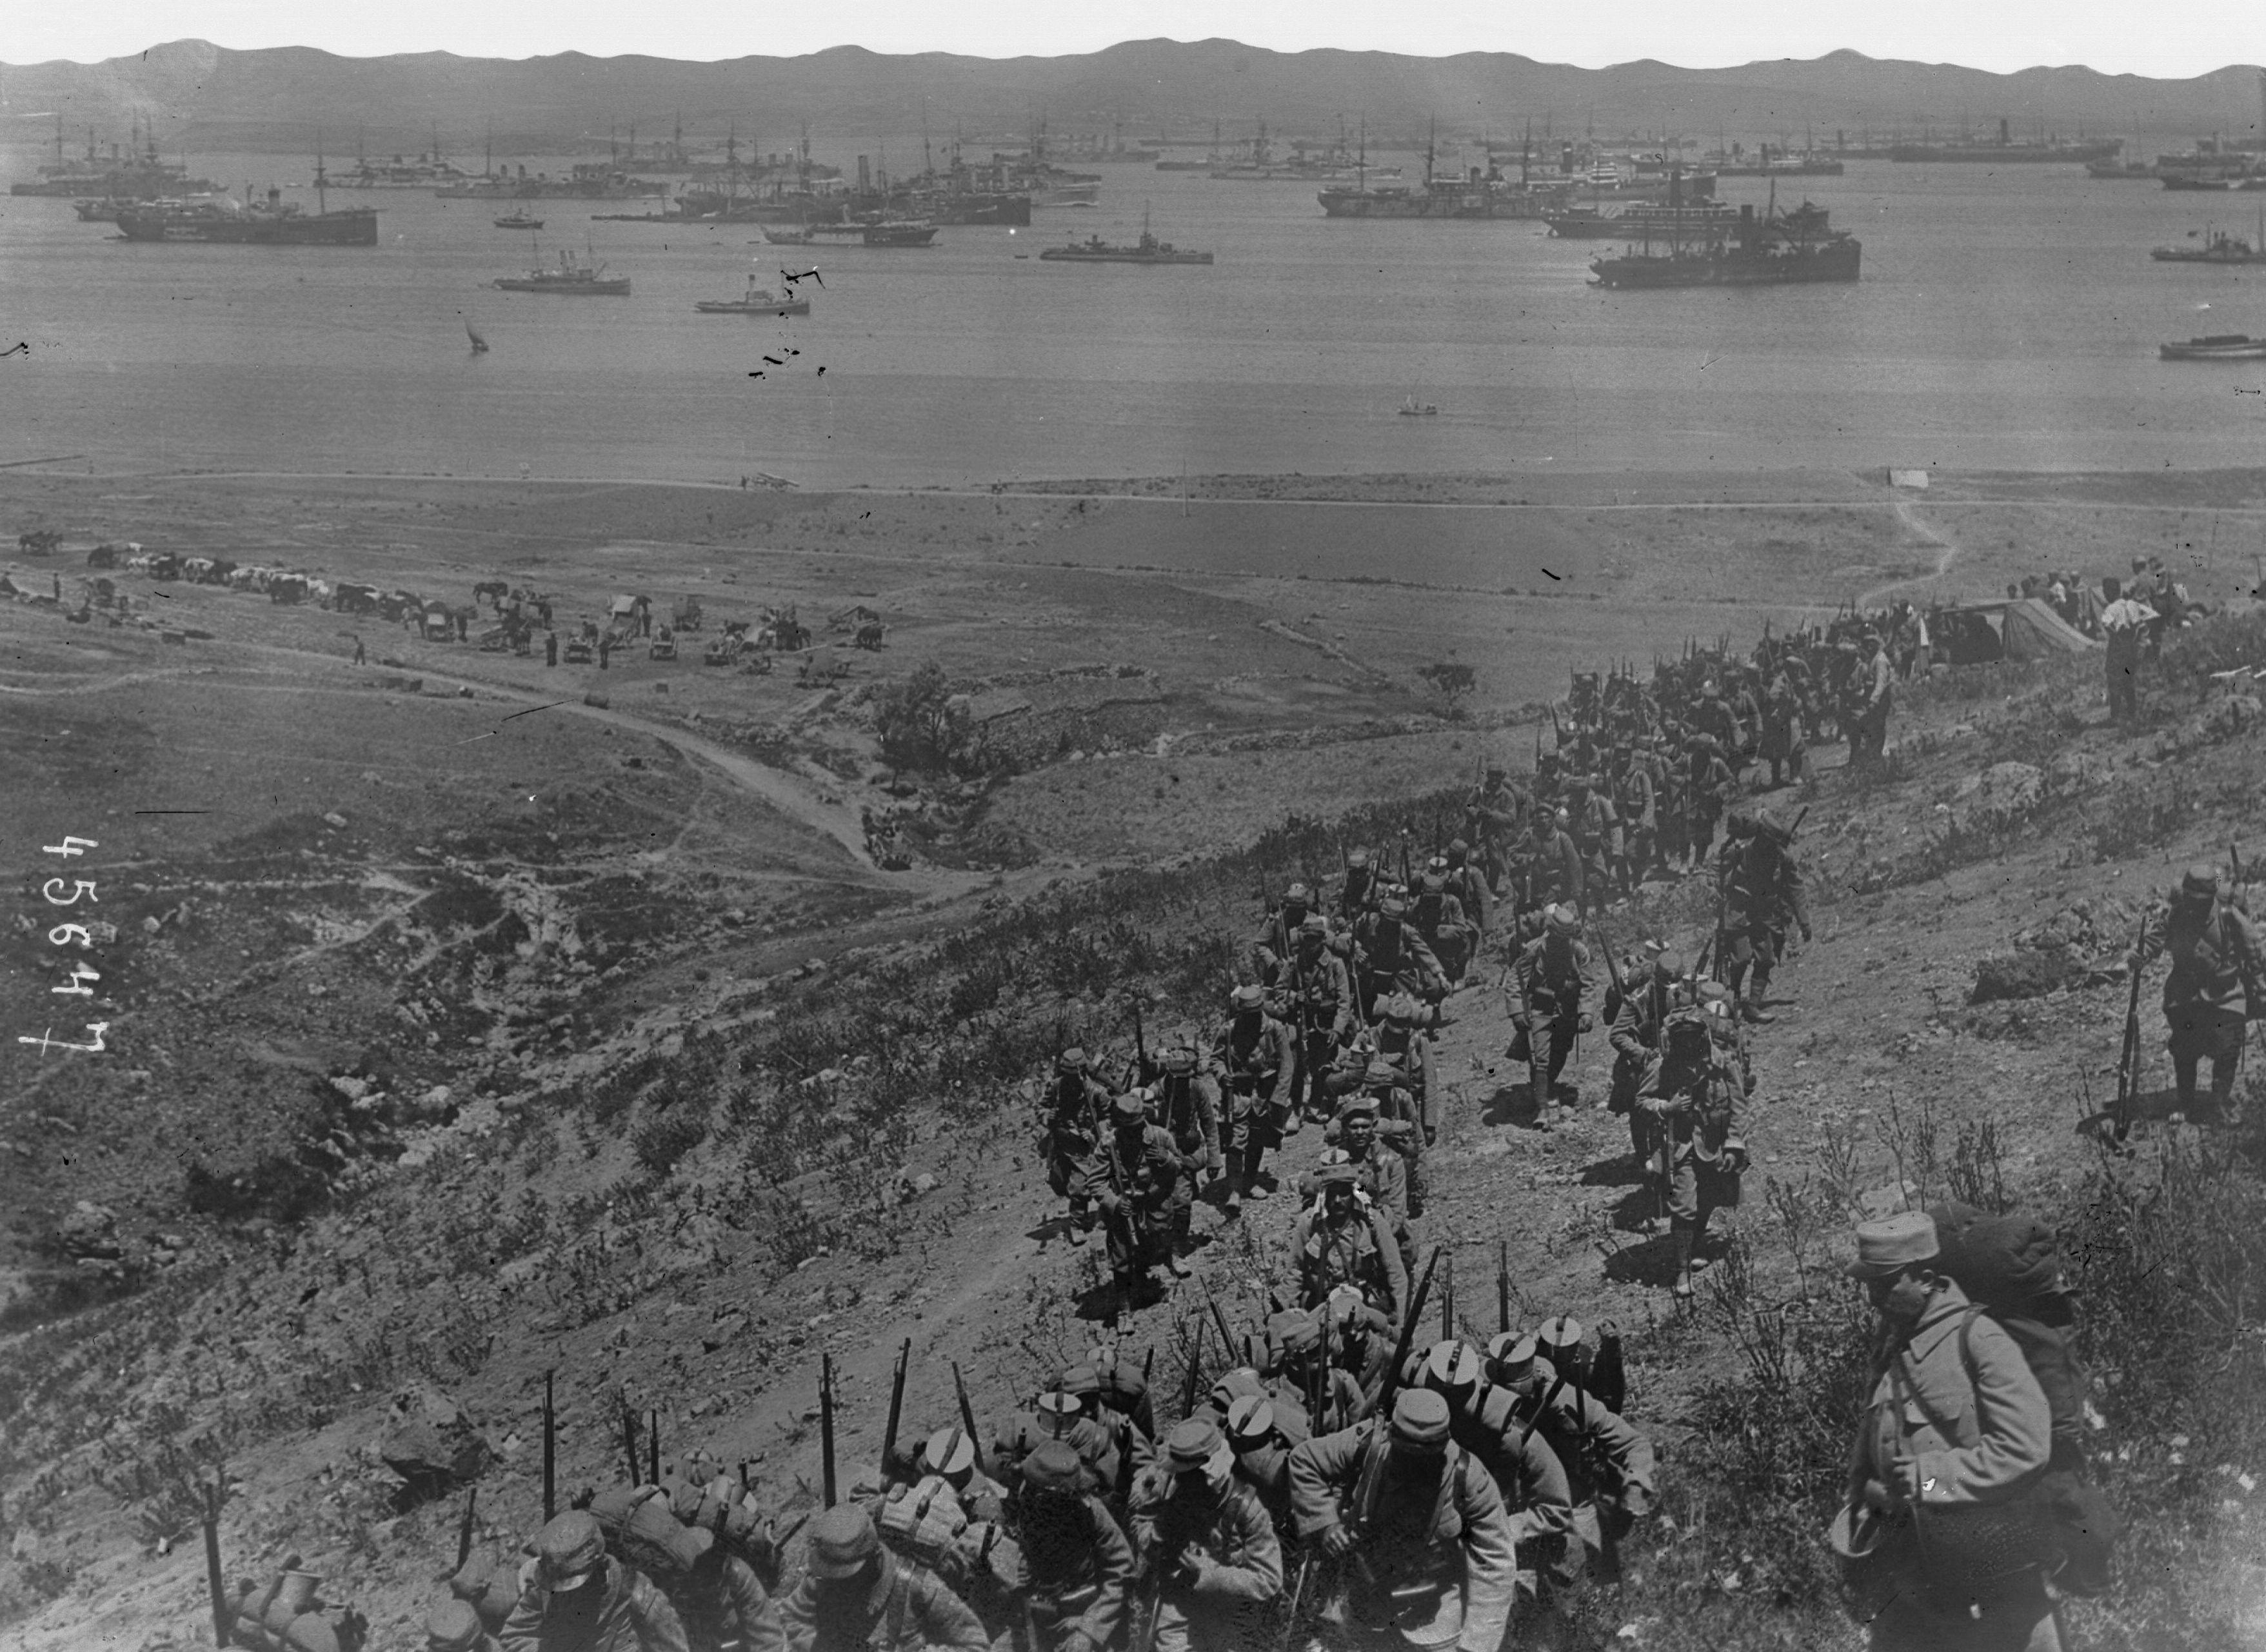 Photographie prise depuis une colline donnant sur une large baie où se trouvent de nombreux navires de transport. Au premier plan, une colonne de soldats en armes marche sur un sentier dans un paysage aride et pelé.